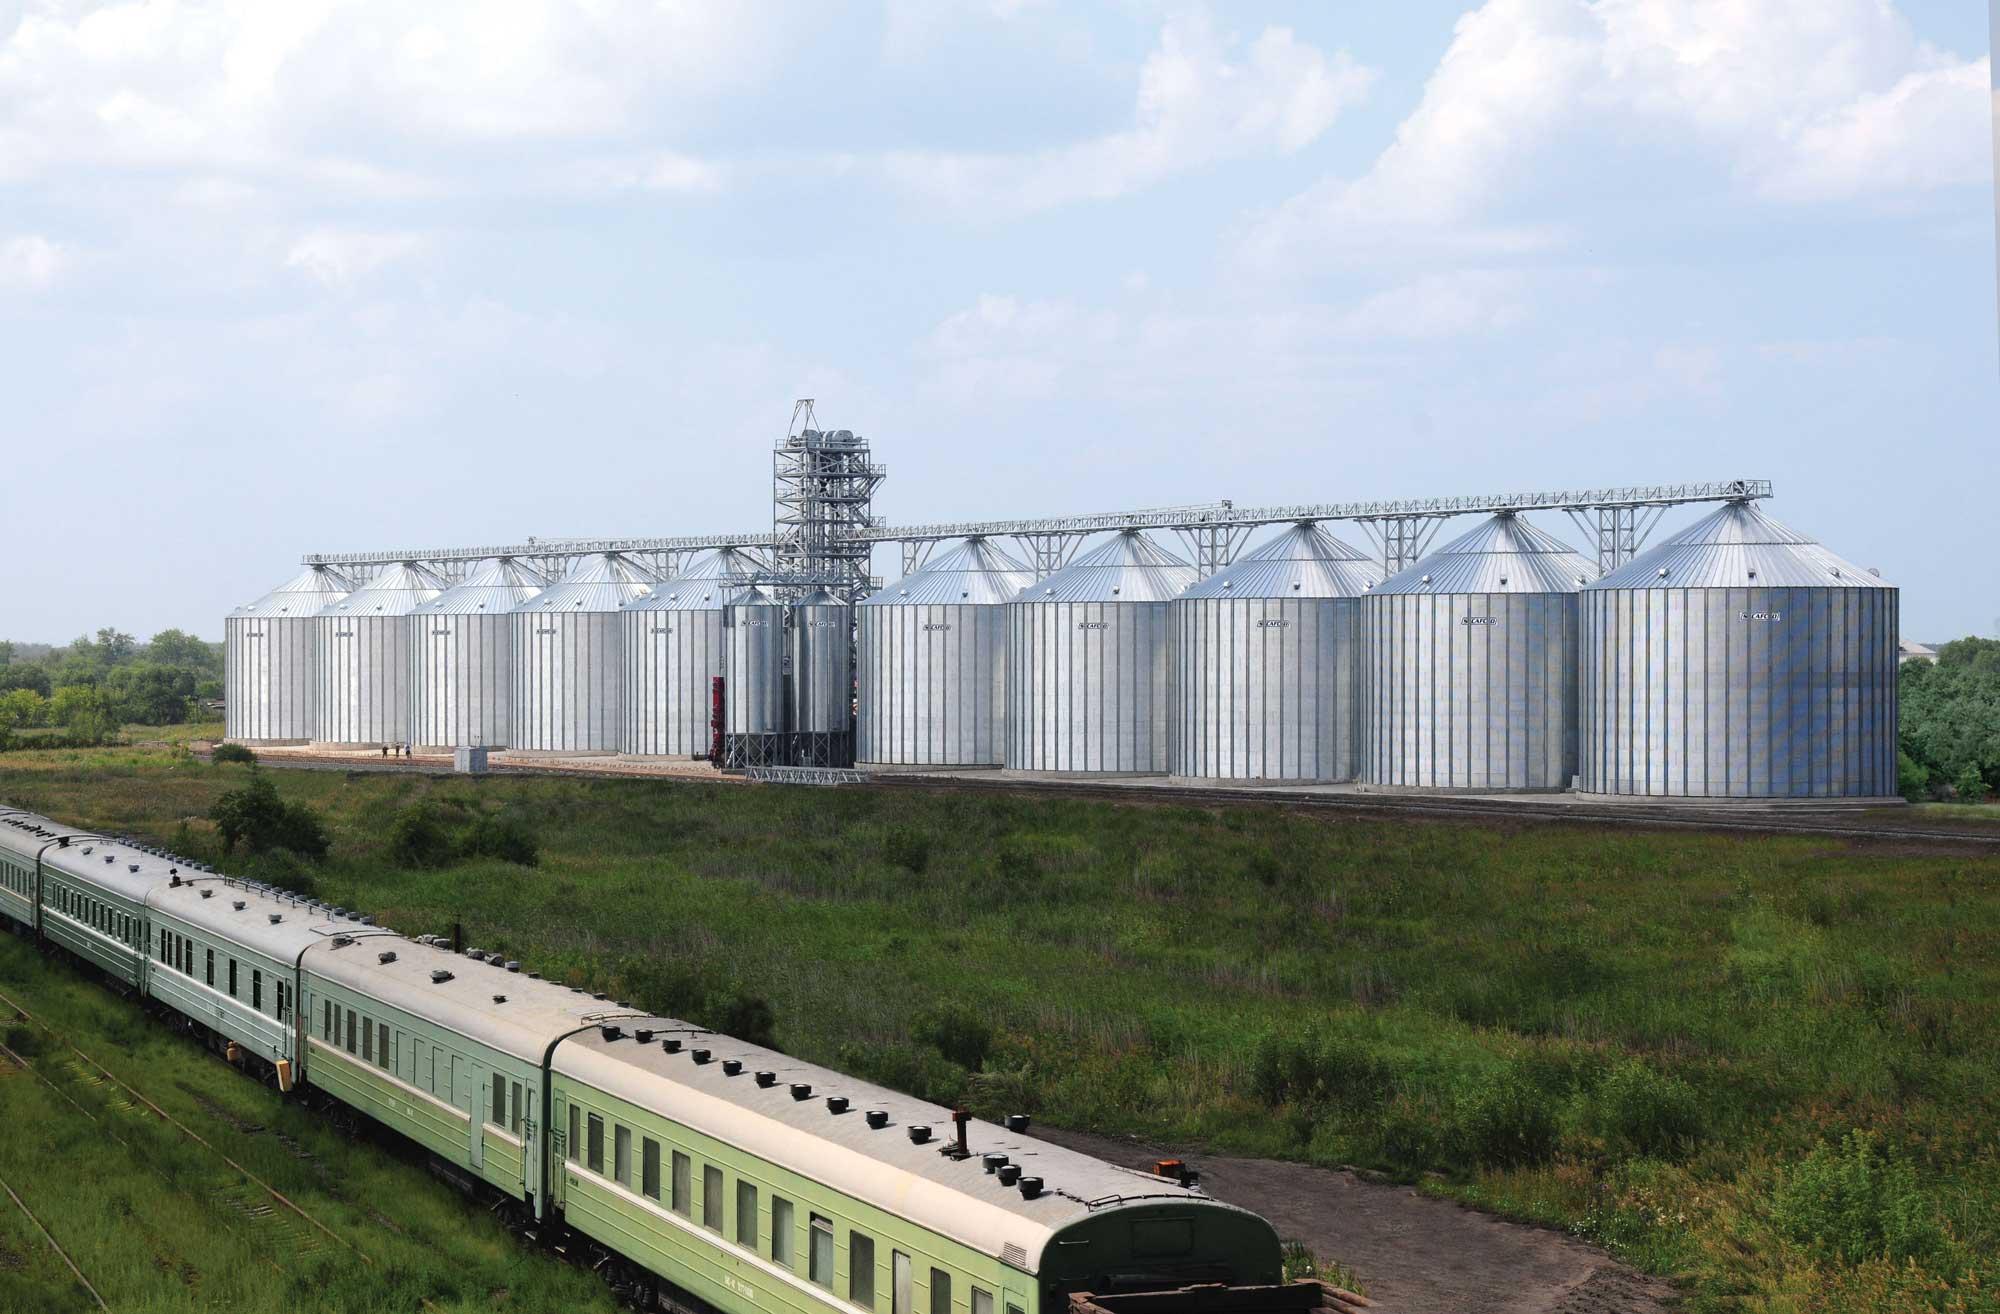 SCAFCO grain bins next to a train passing